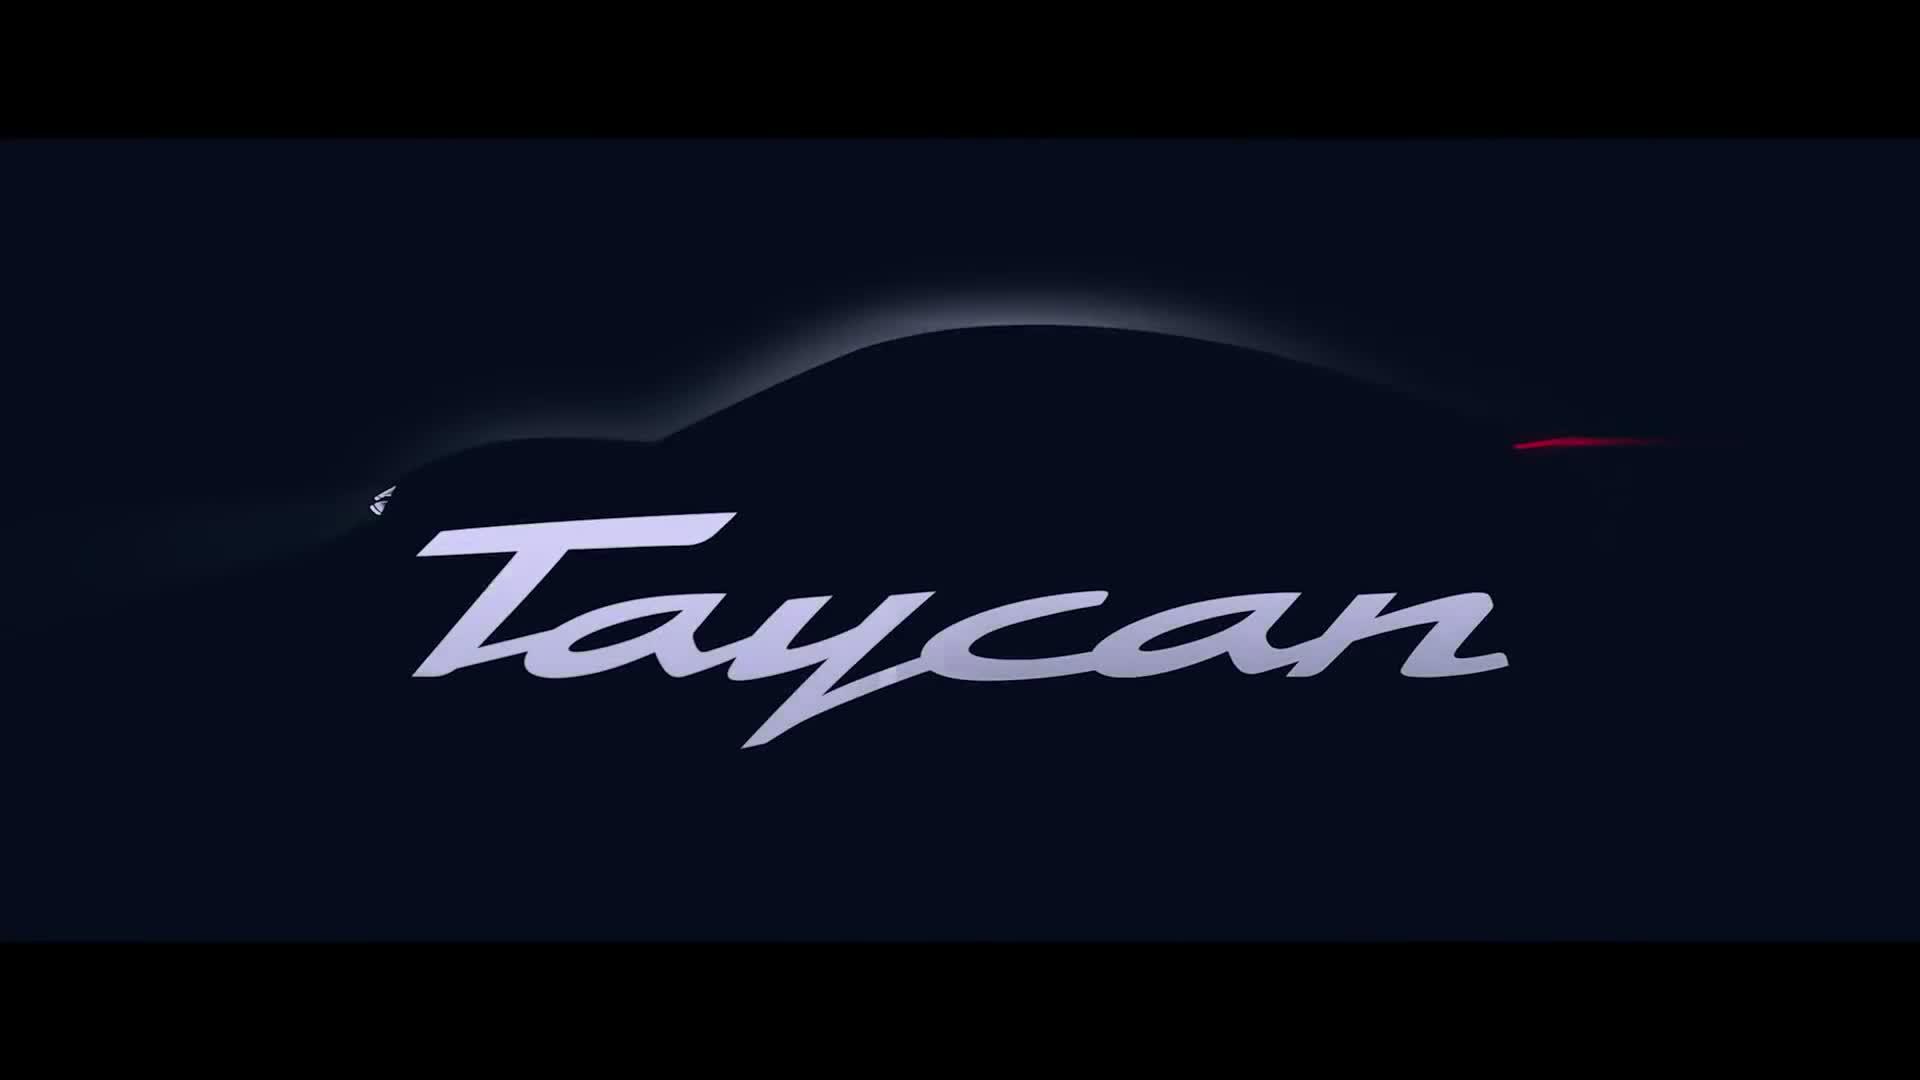 保时捷纯电动跑车——Taycan